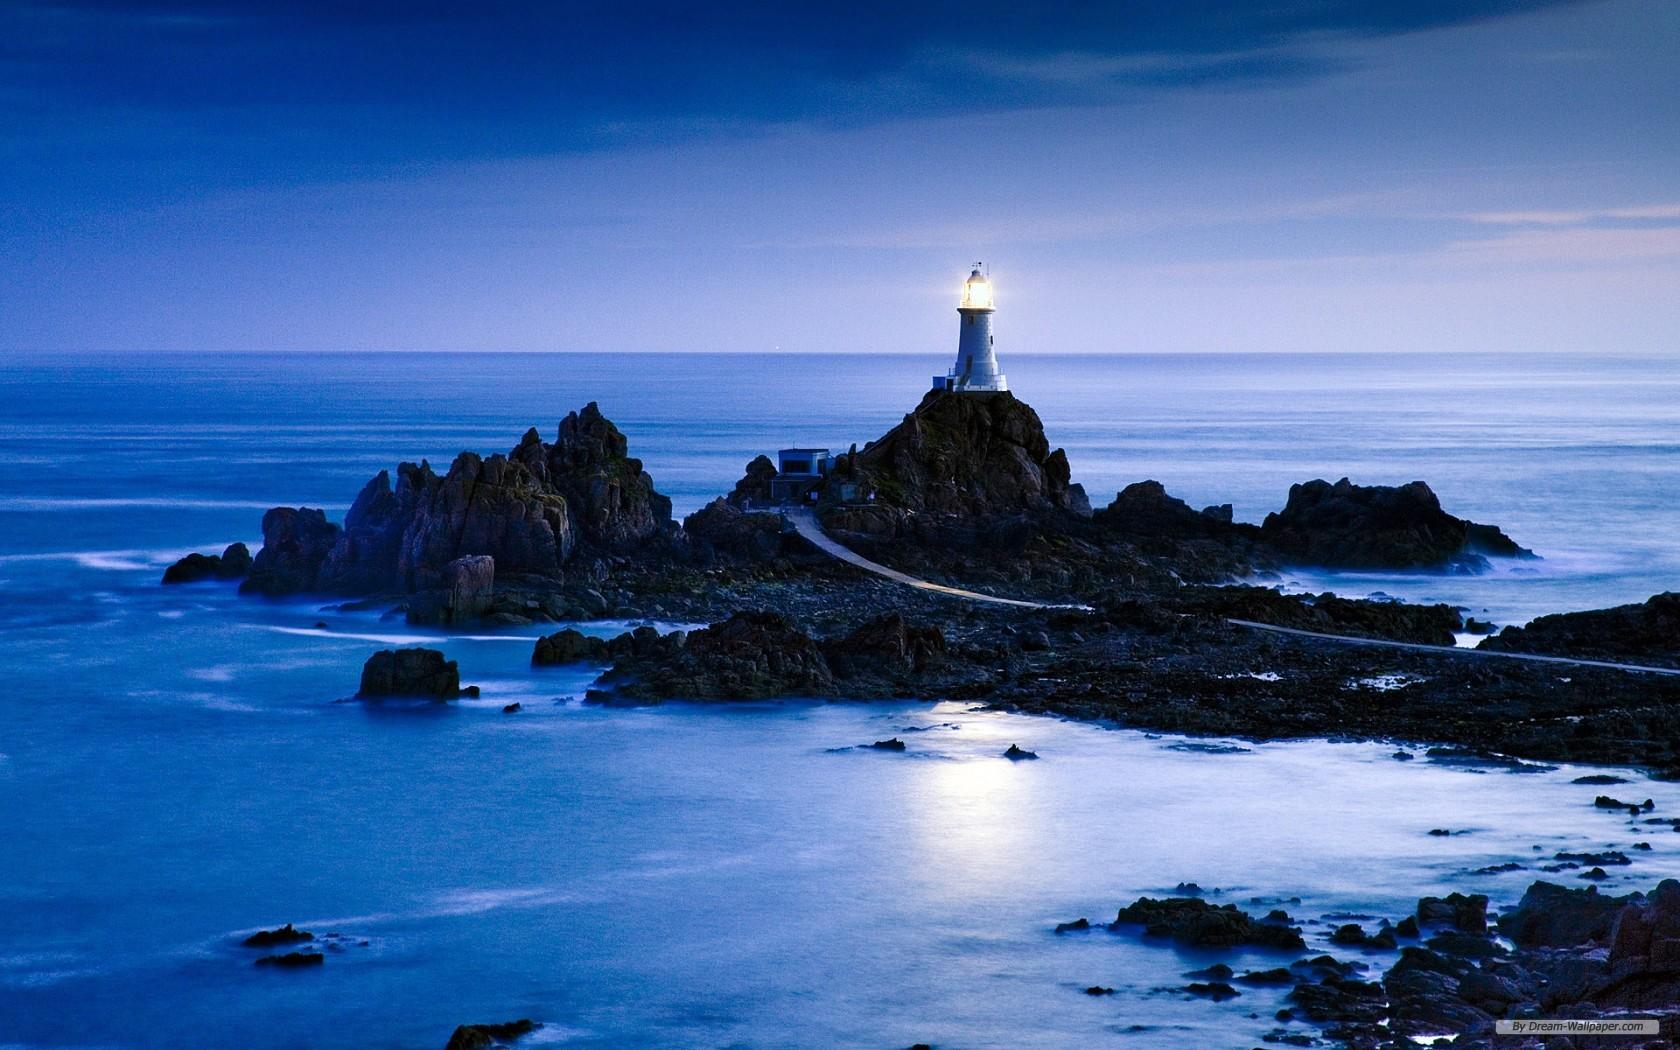 wallpaper   Lighthouse wallpaper   1680x1050 wallpaper   Index 1 1680x1050